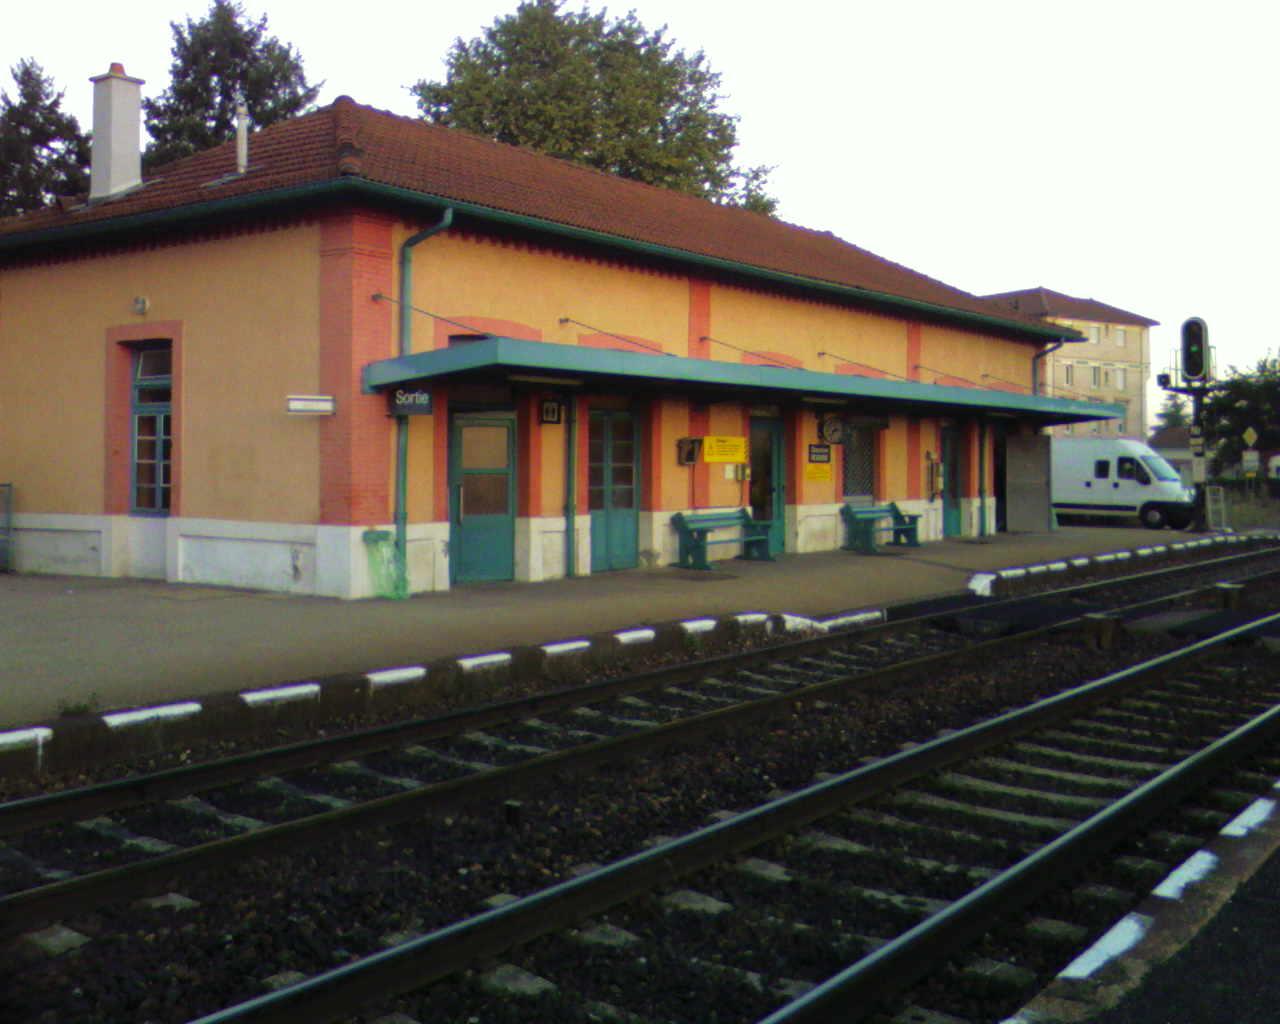 gare-de-montrond-les-bains-train-station